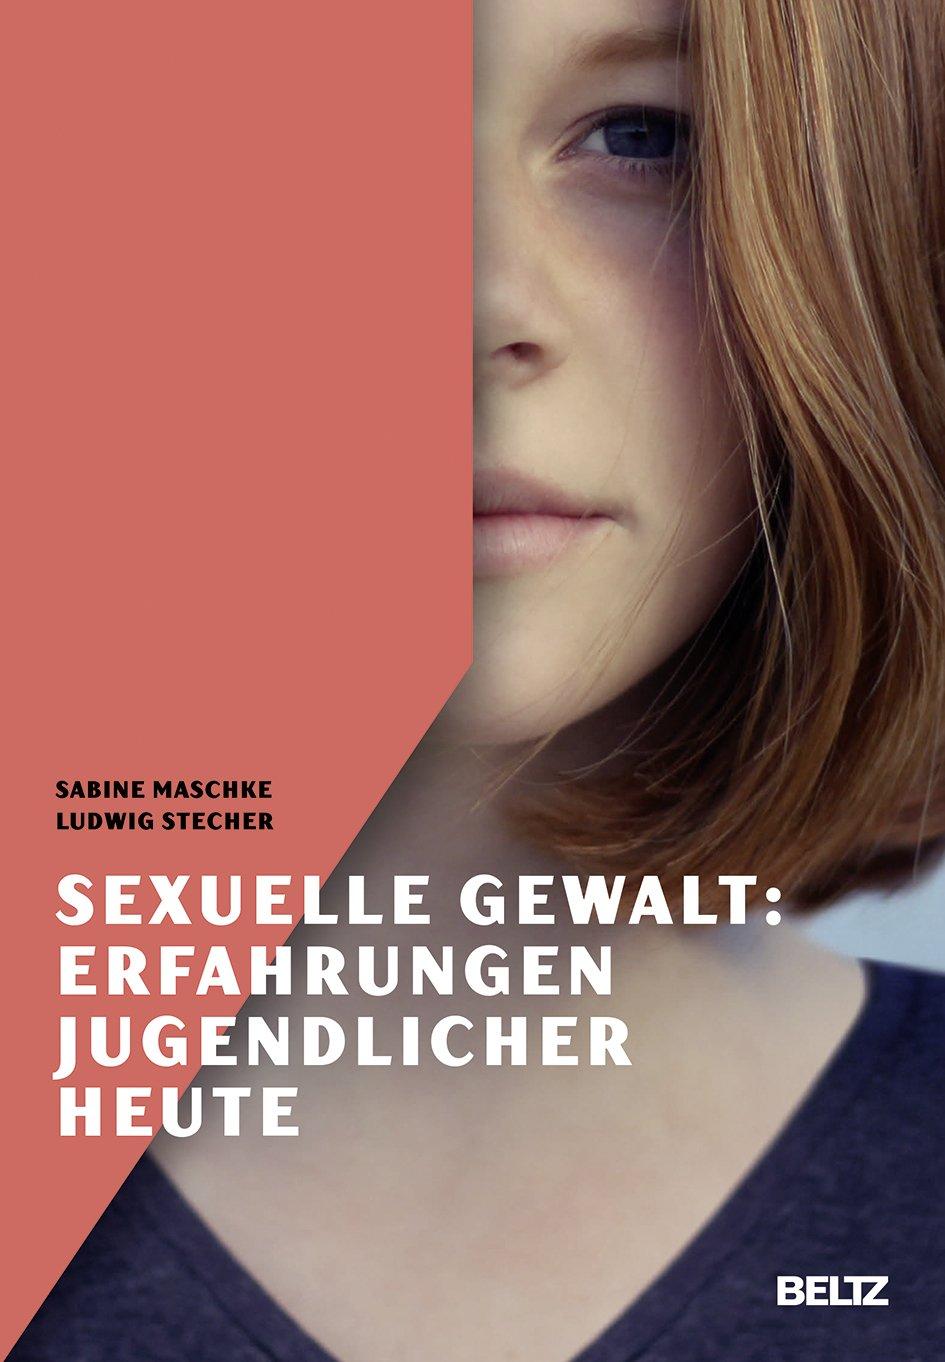 Sexuelle Gewalt: Erfahrungen Jugendlicher heute